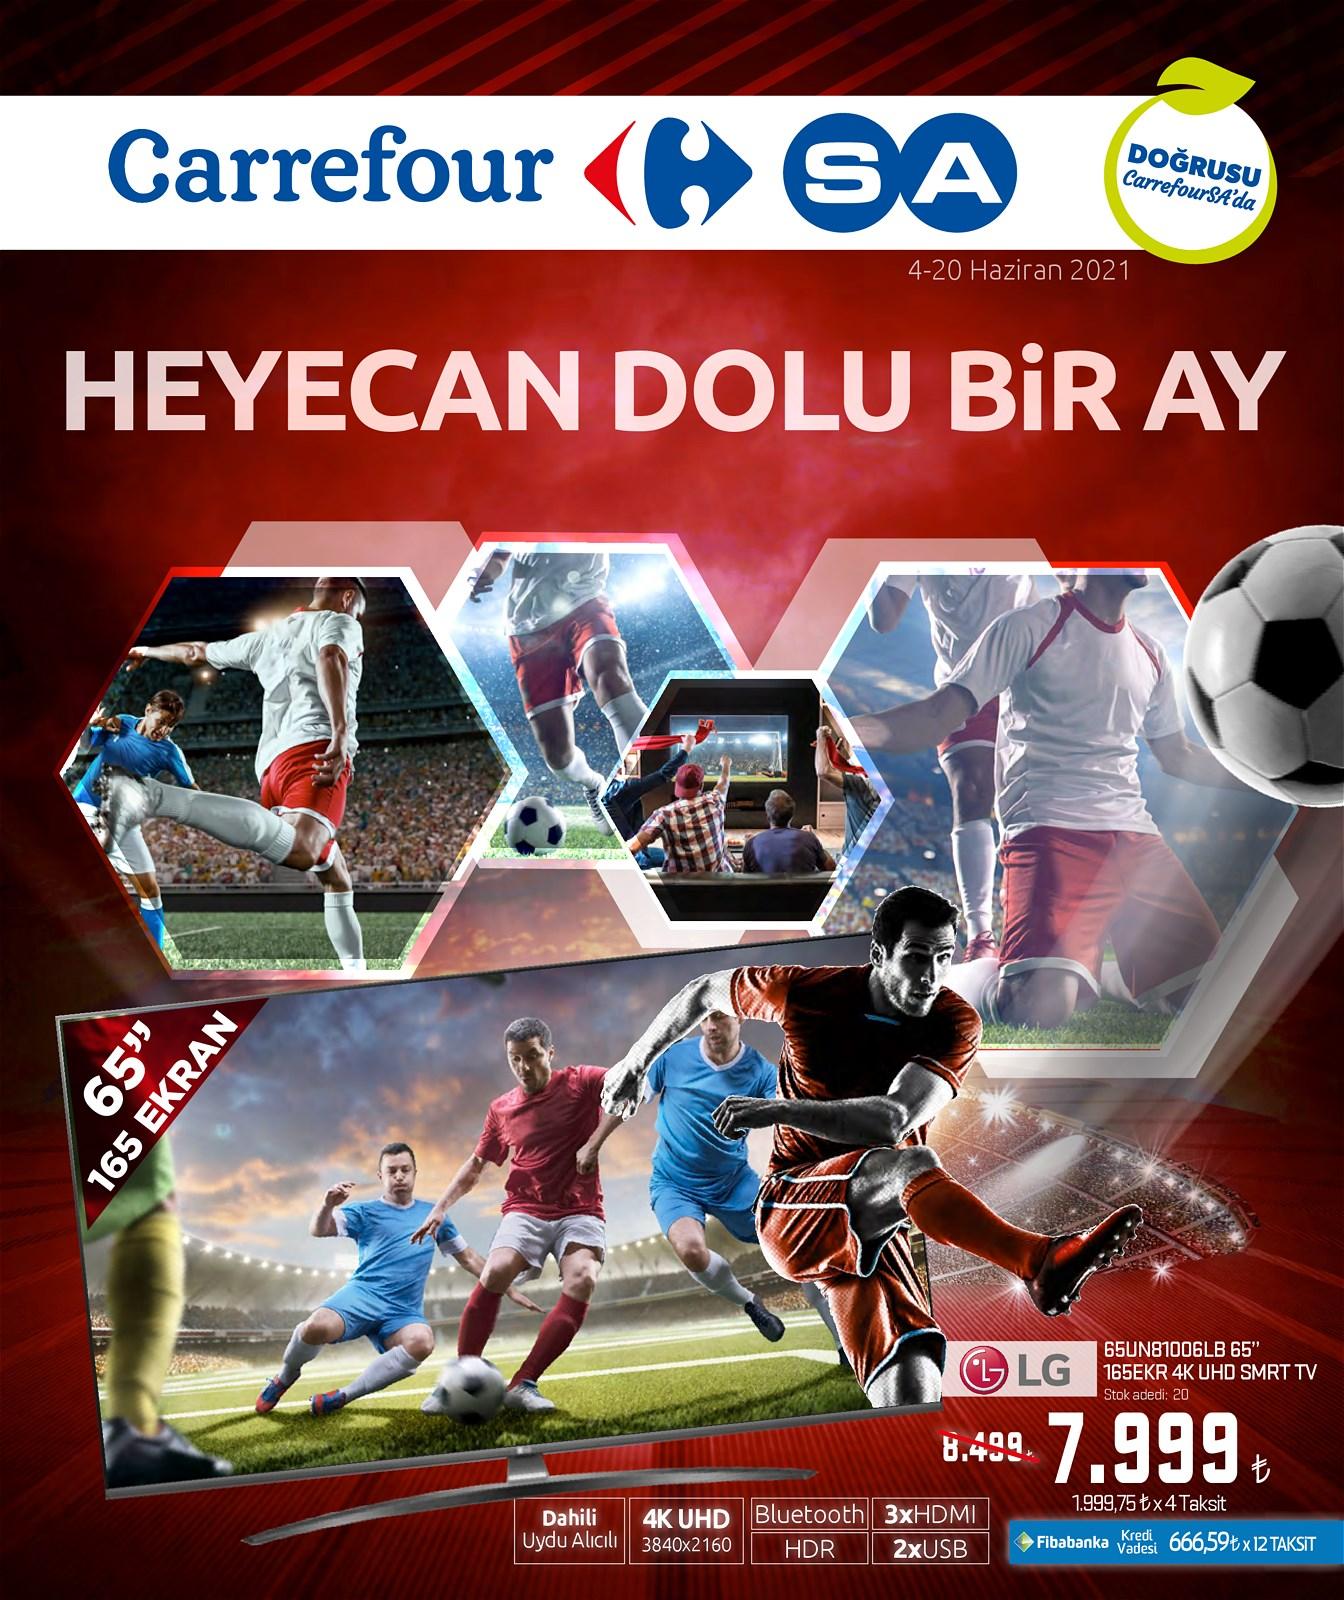 04.06.2021 CarrefourSA broşürü 1. sayfa